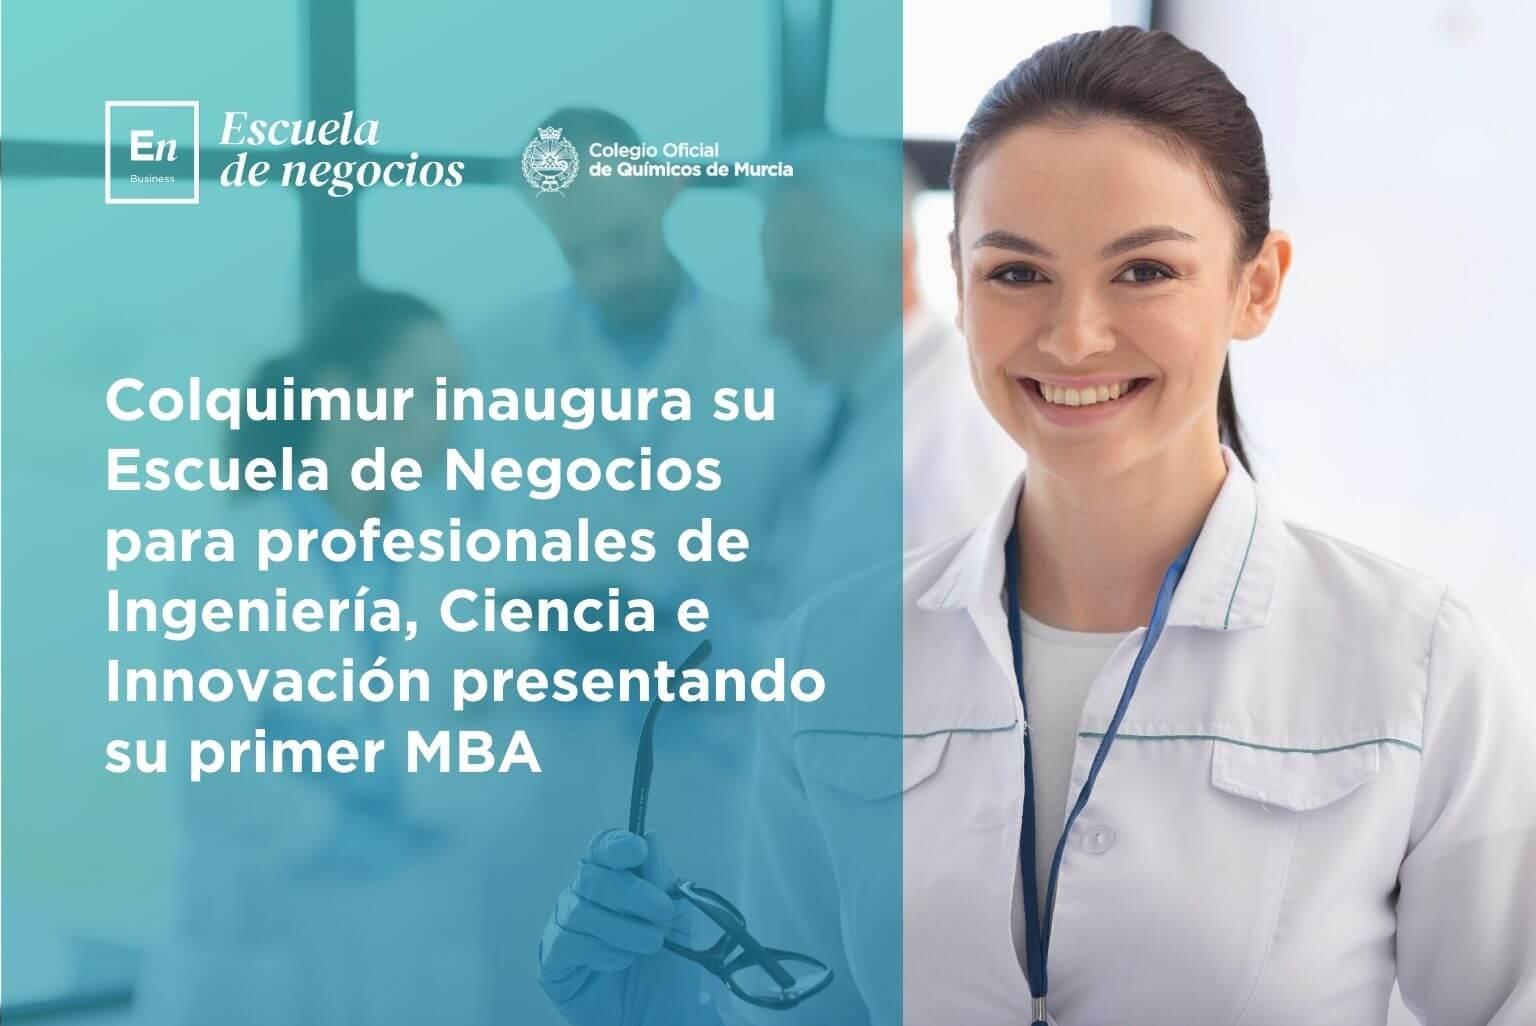 MBA en innovación y ciencia.